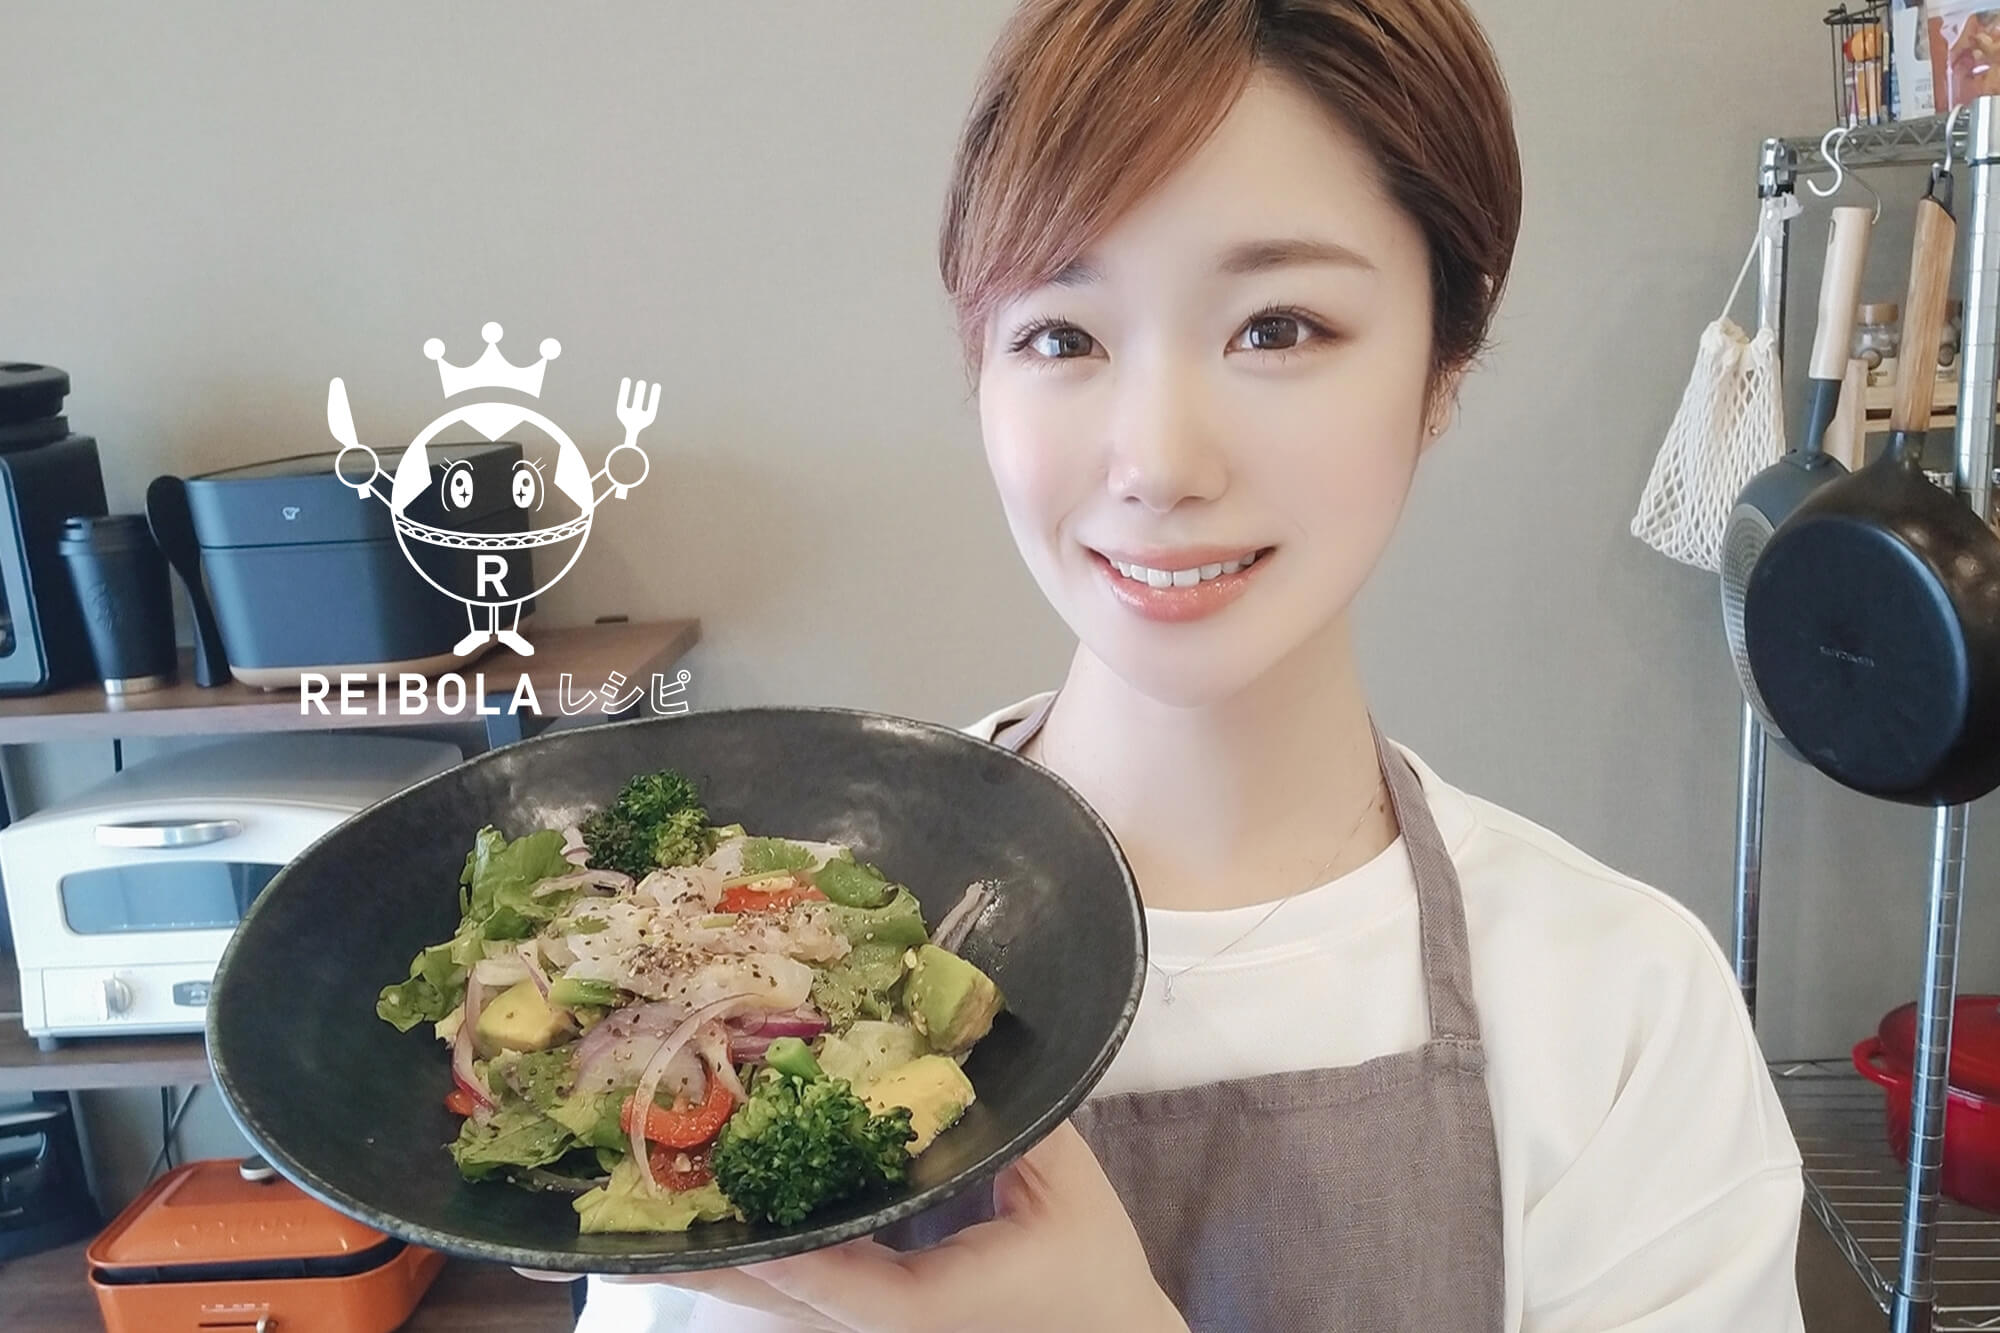 エスニックサラダ/栄養士 丹羽真梨菜